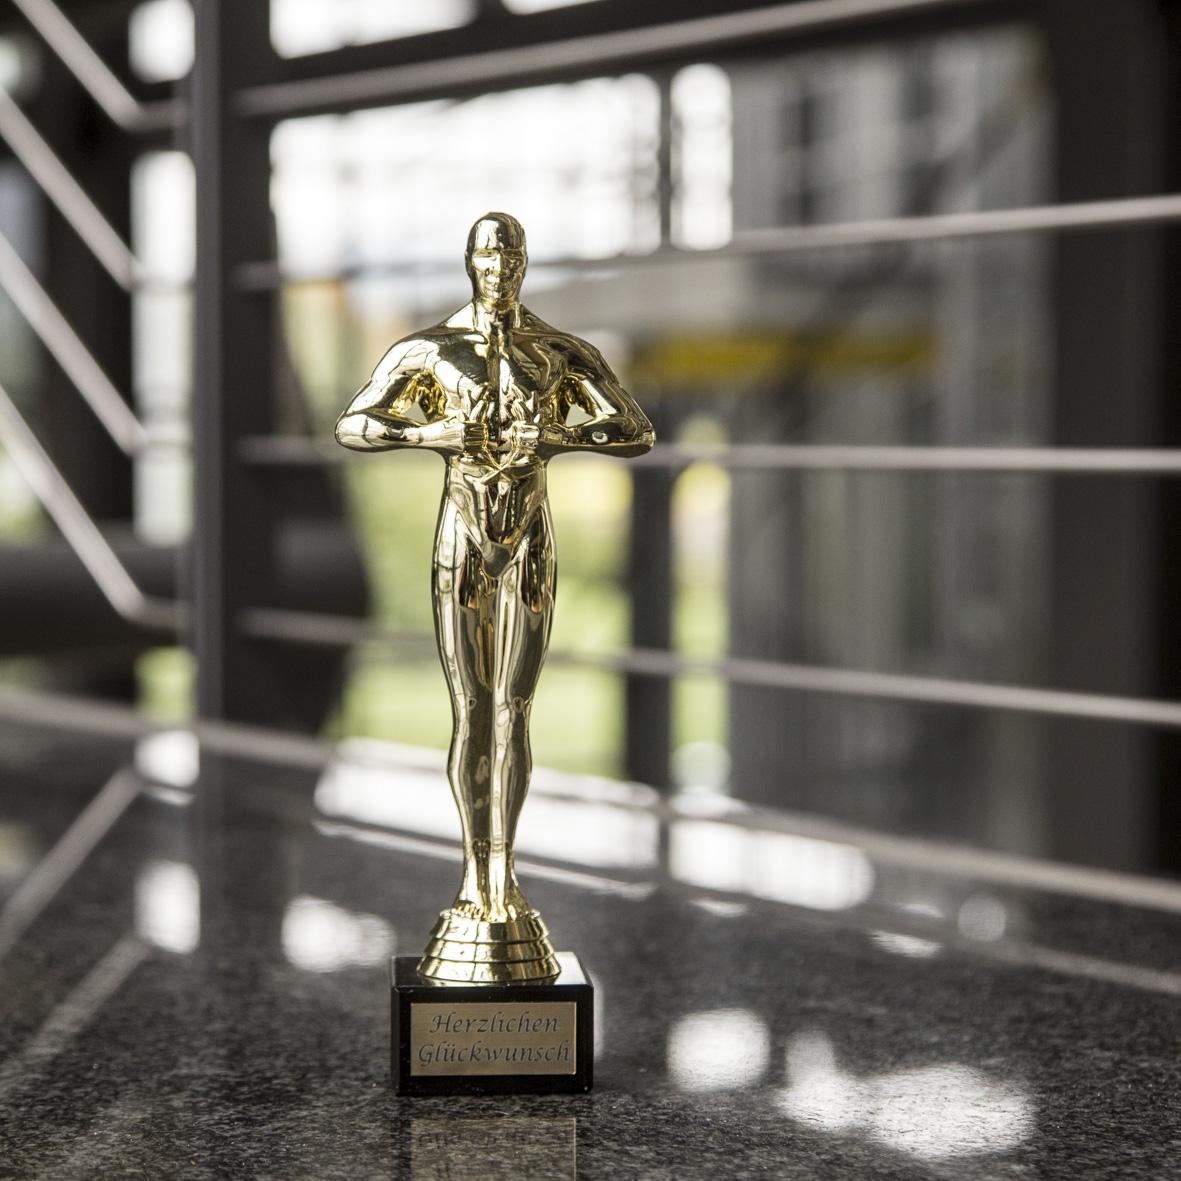 Oskar als Symbol für Erfolg der Unternehmensentwicklung und Identifikation